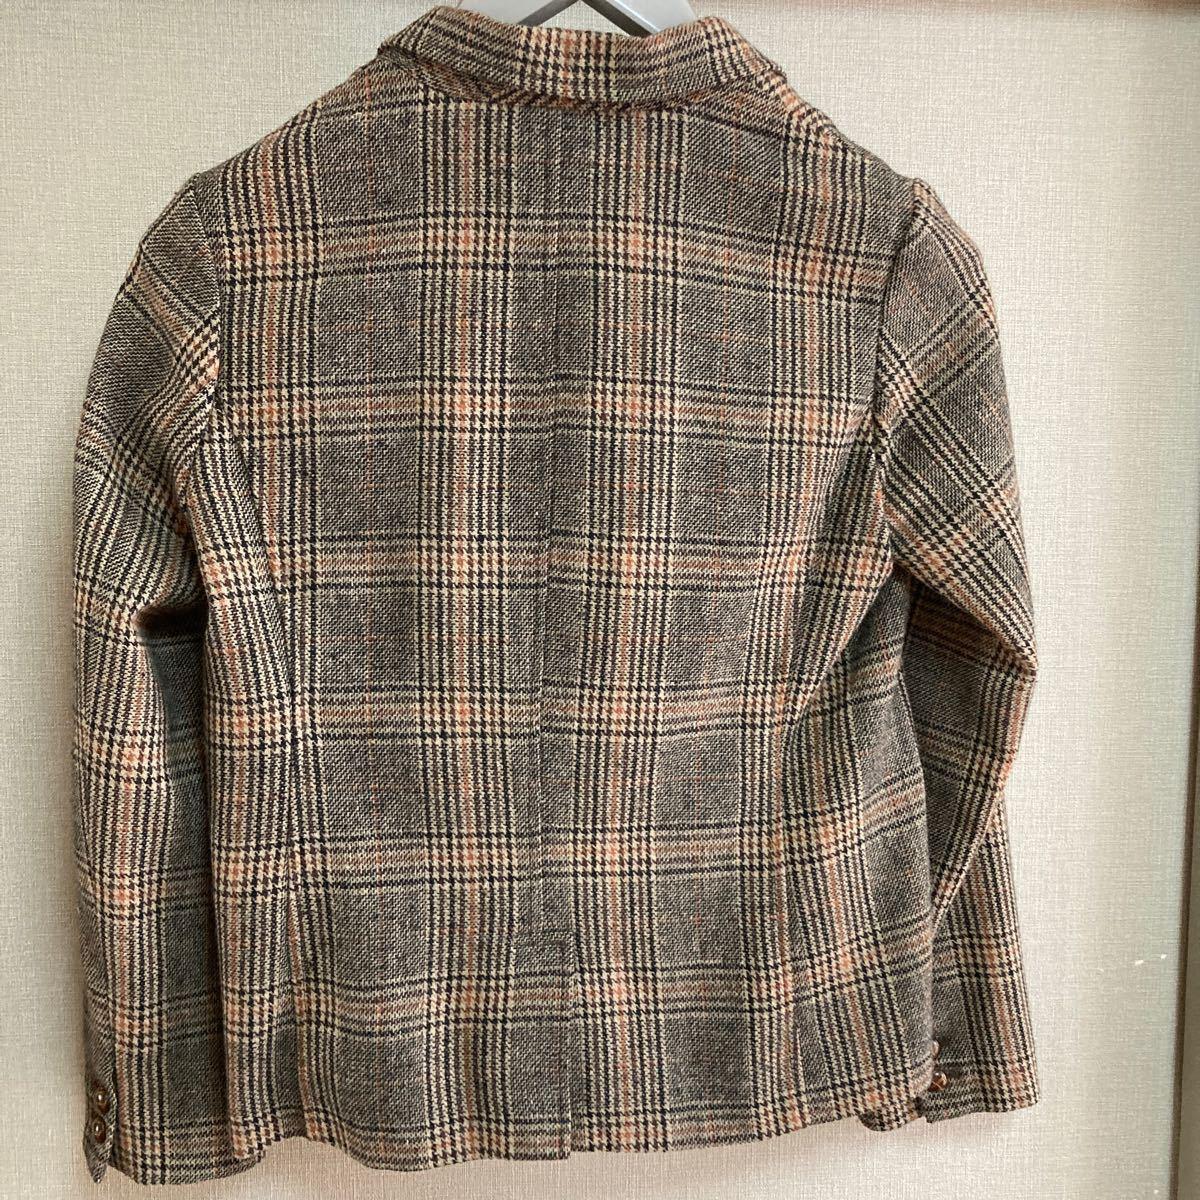 テーラードジャケット ツイードジャケット ウールジャケット